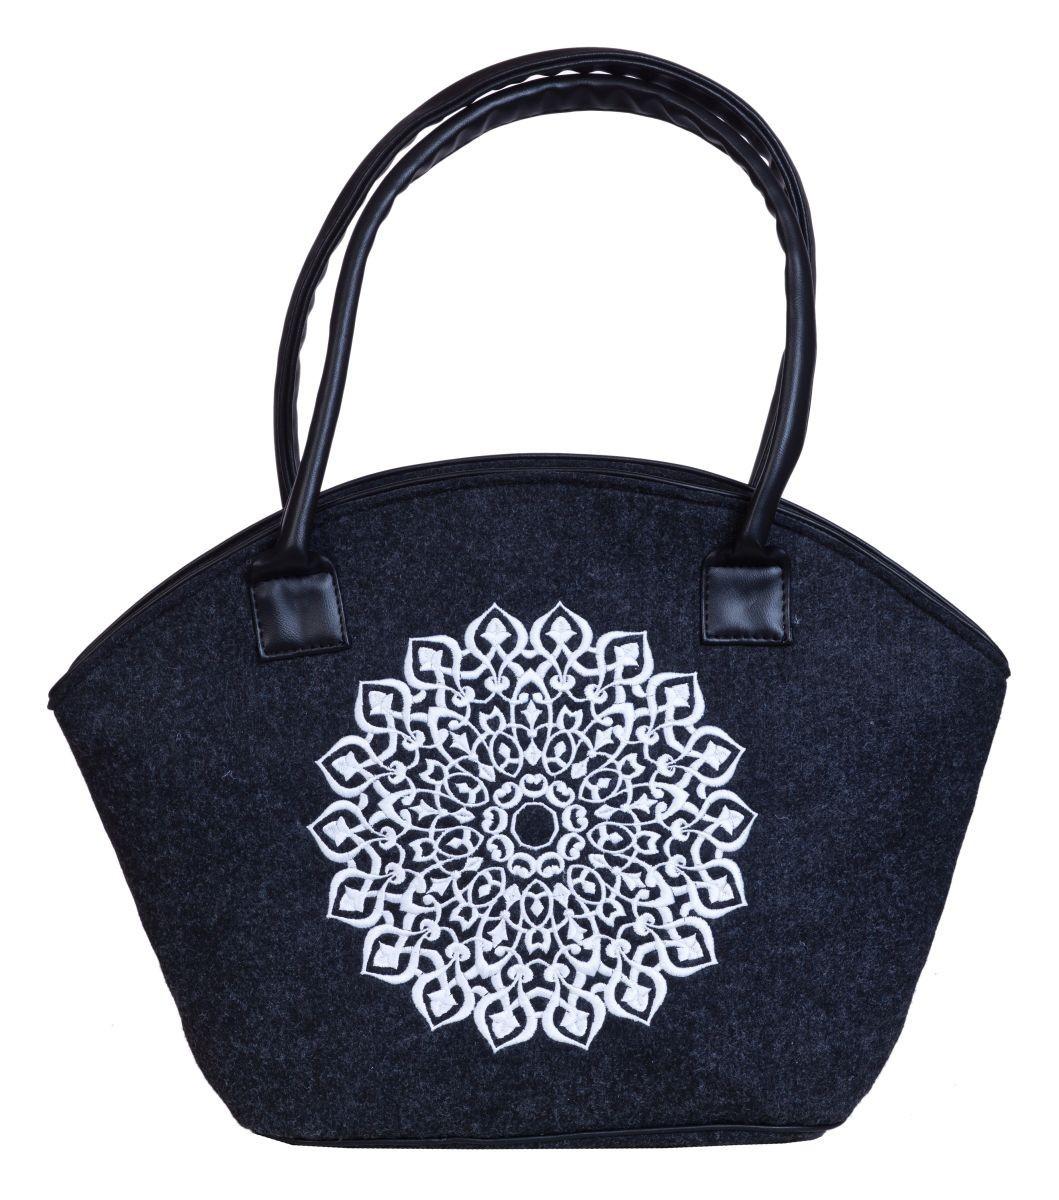 d6aee7ffa29f2 Filcowa torba koszyk z haftem wycinanka biała ...